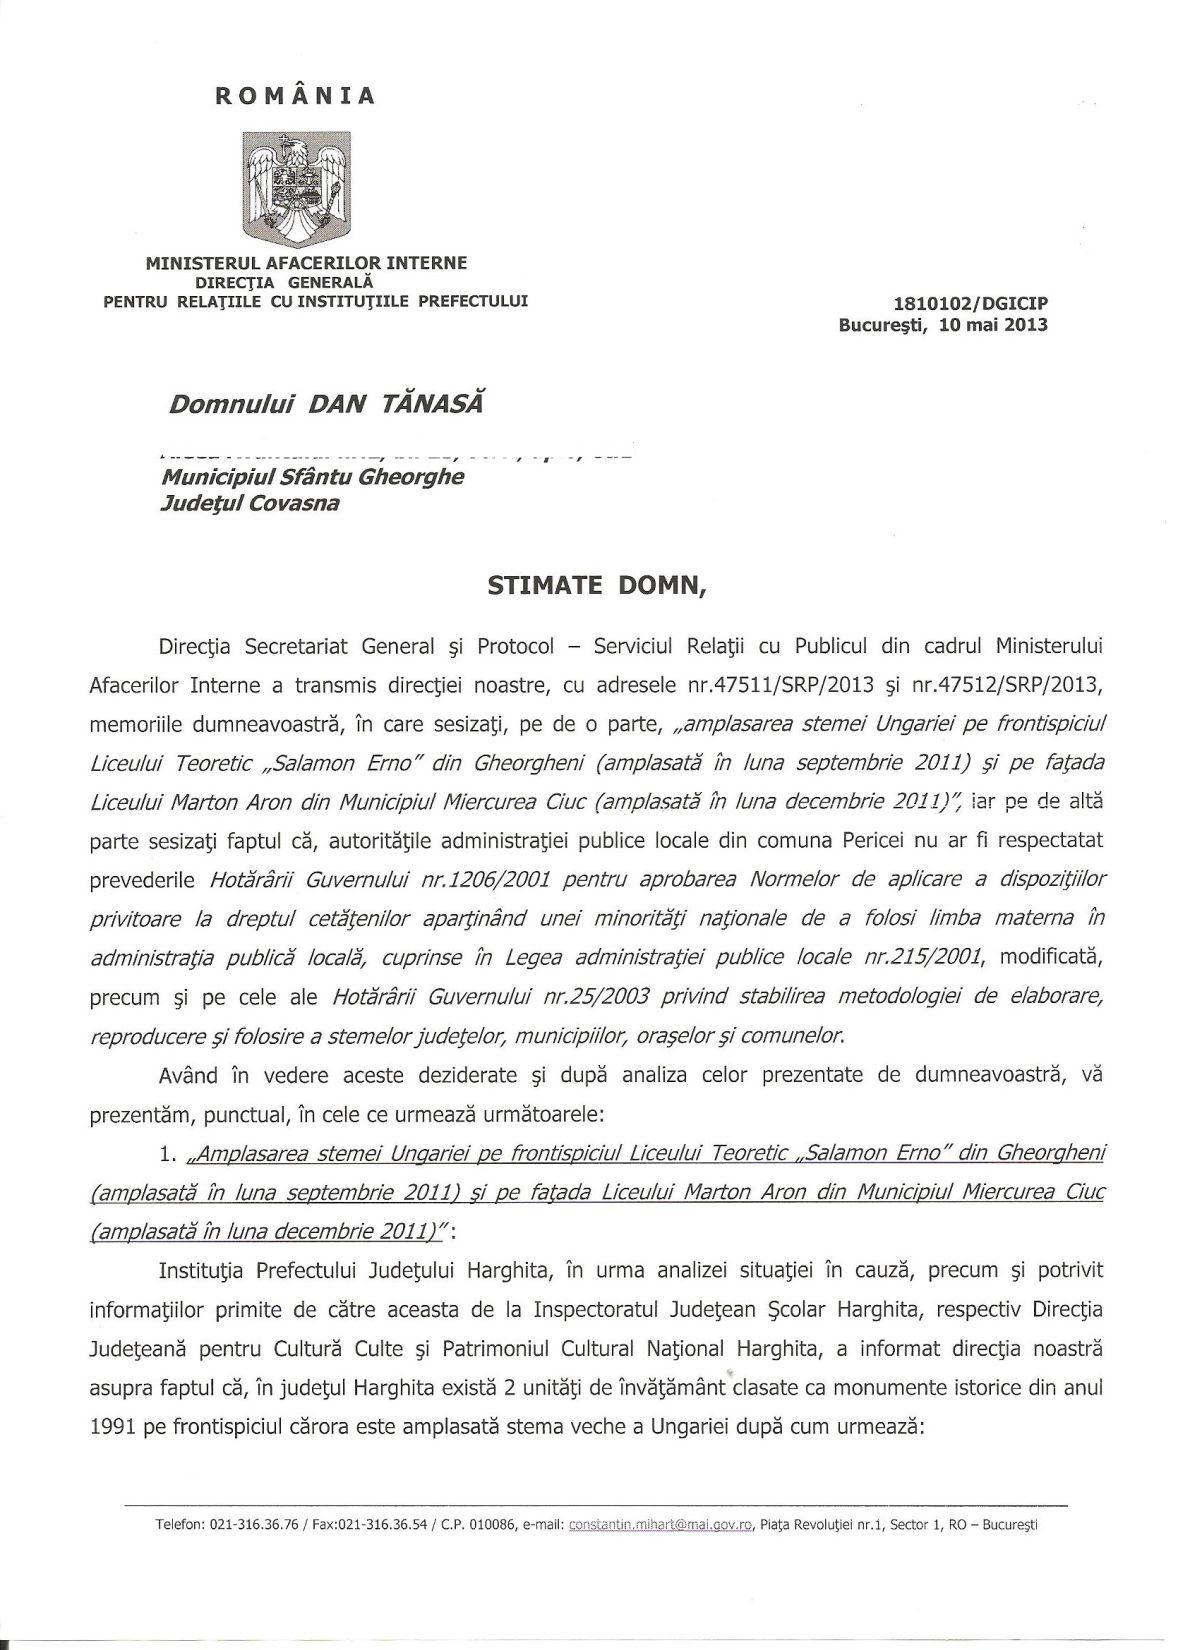 MAI steme Ungaria scoli Harghita Victor Ponta UDMR Ungaria Mare